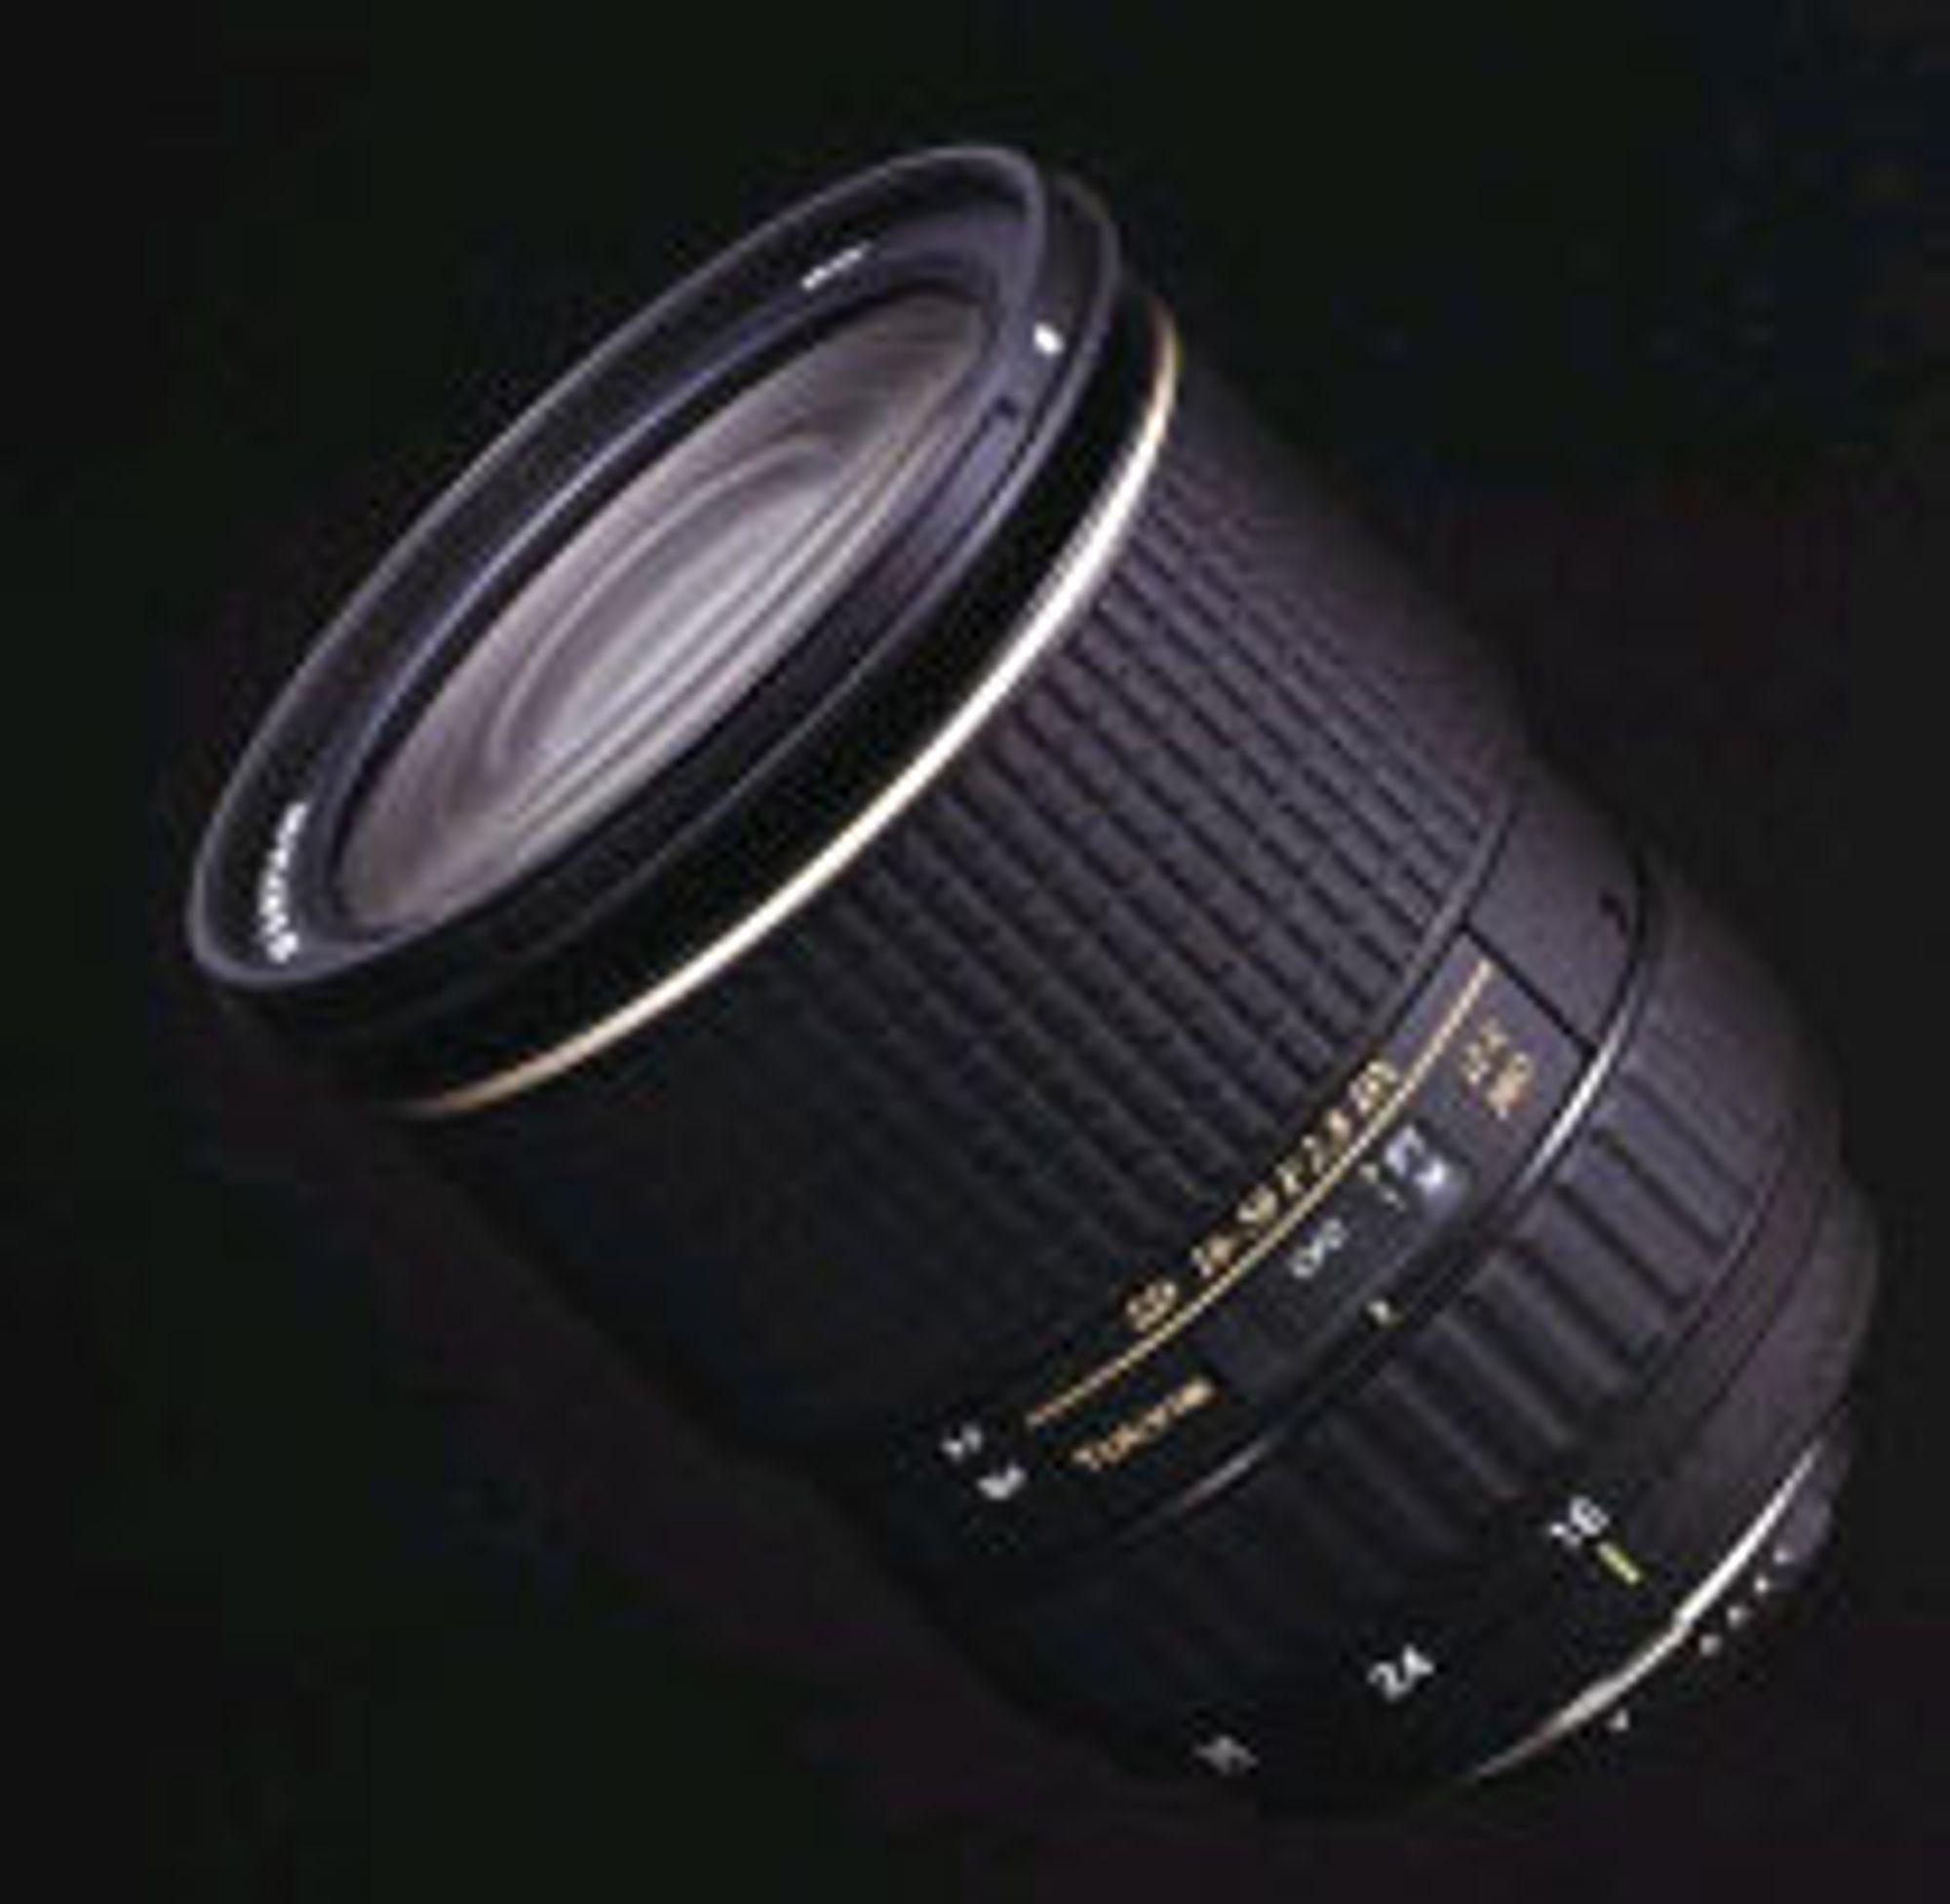 AT-X PRO AF 16-50 f/2.8